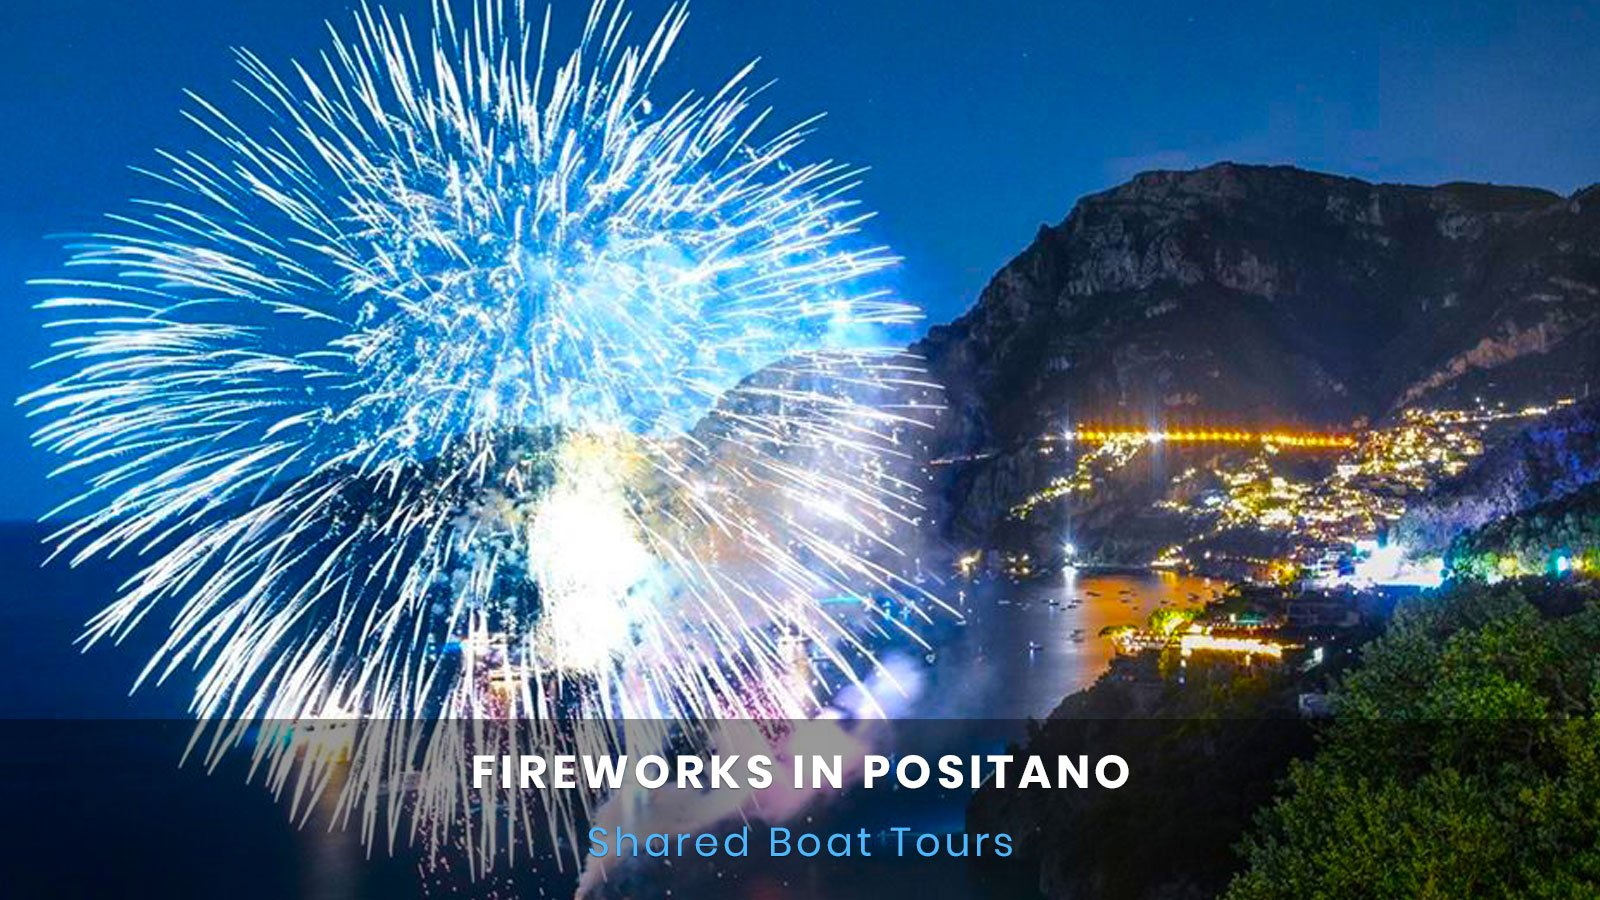 Fireworks in Positano